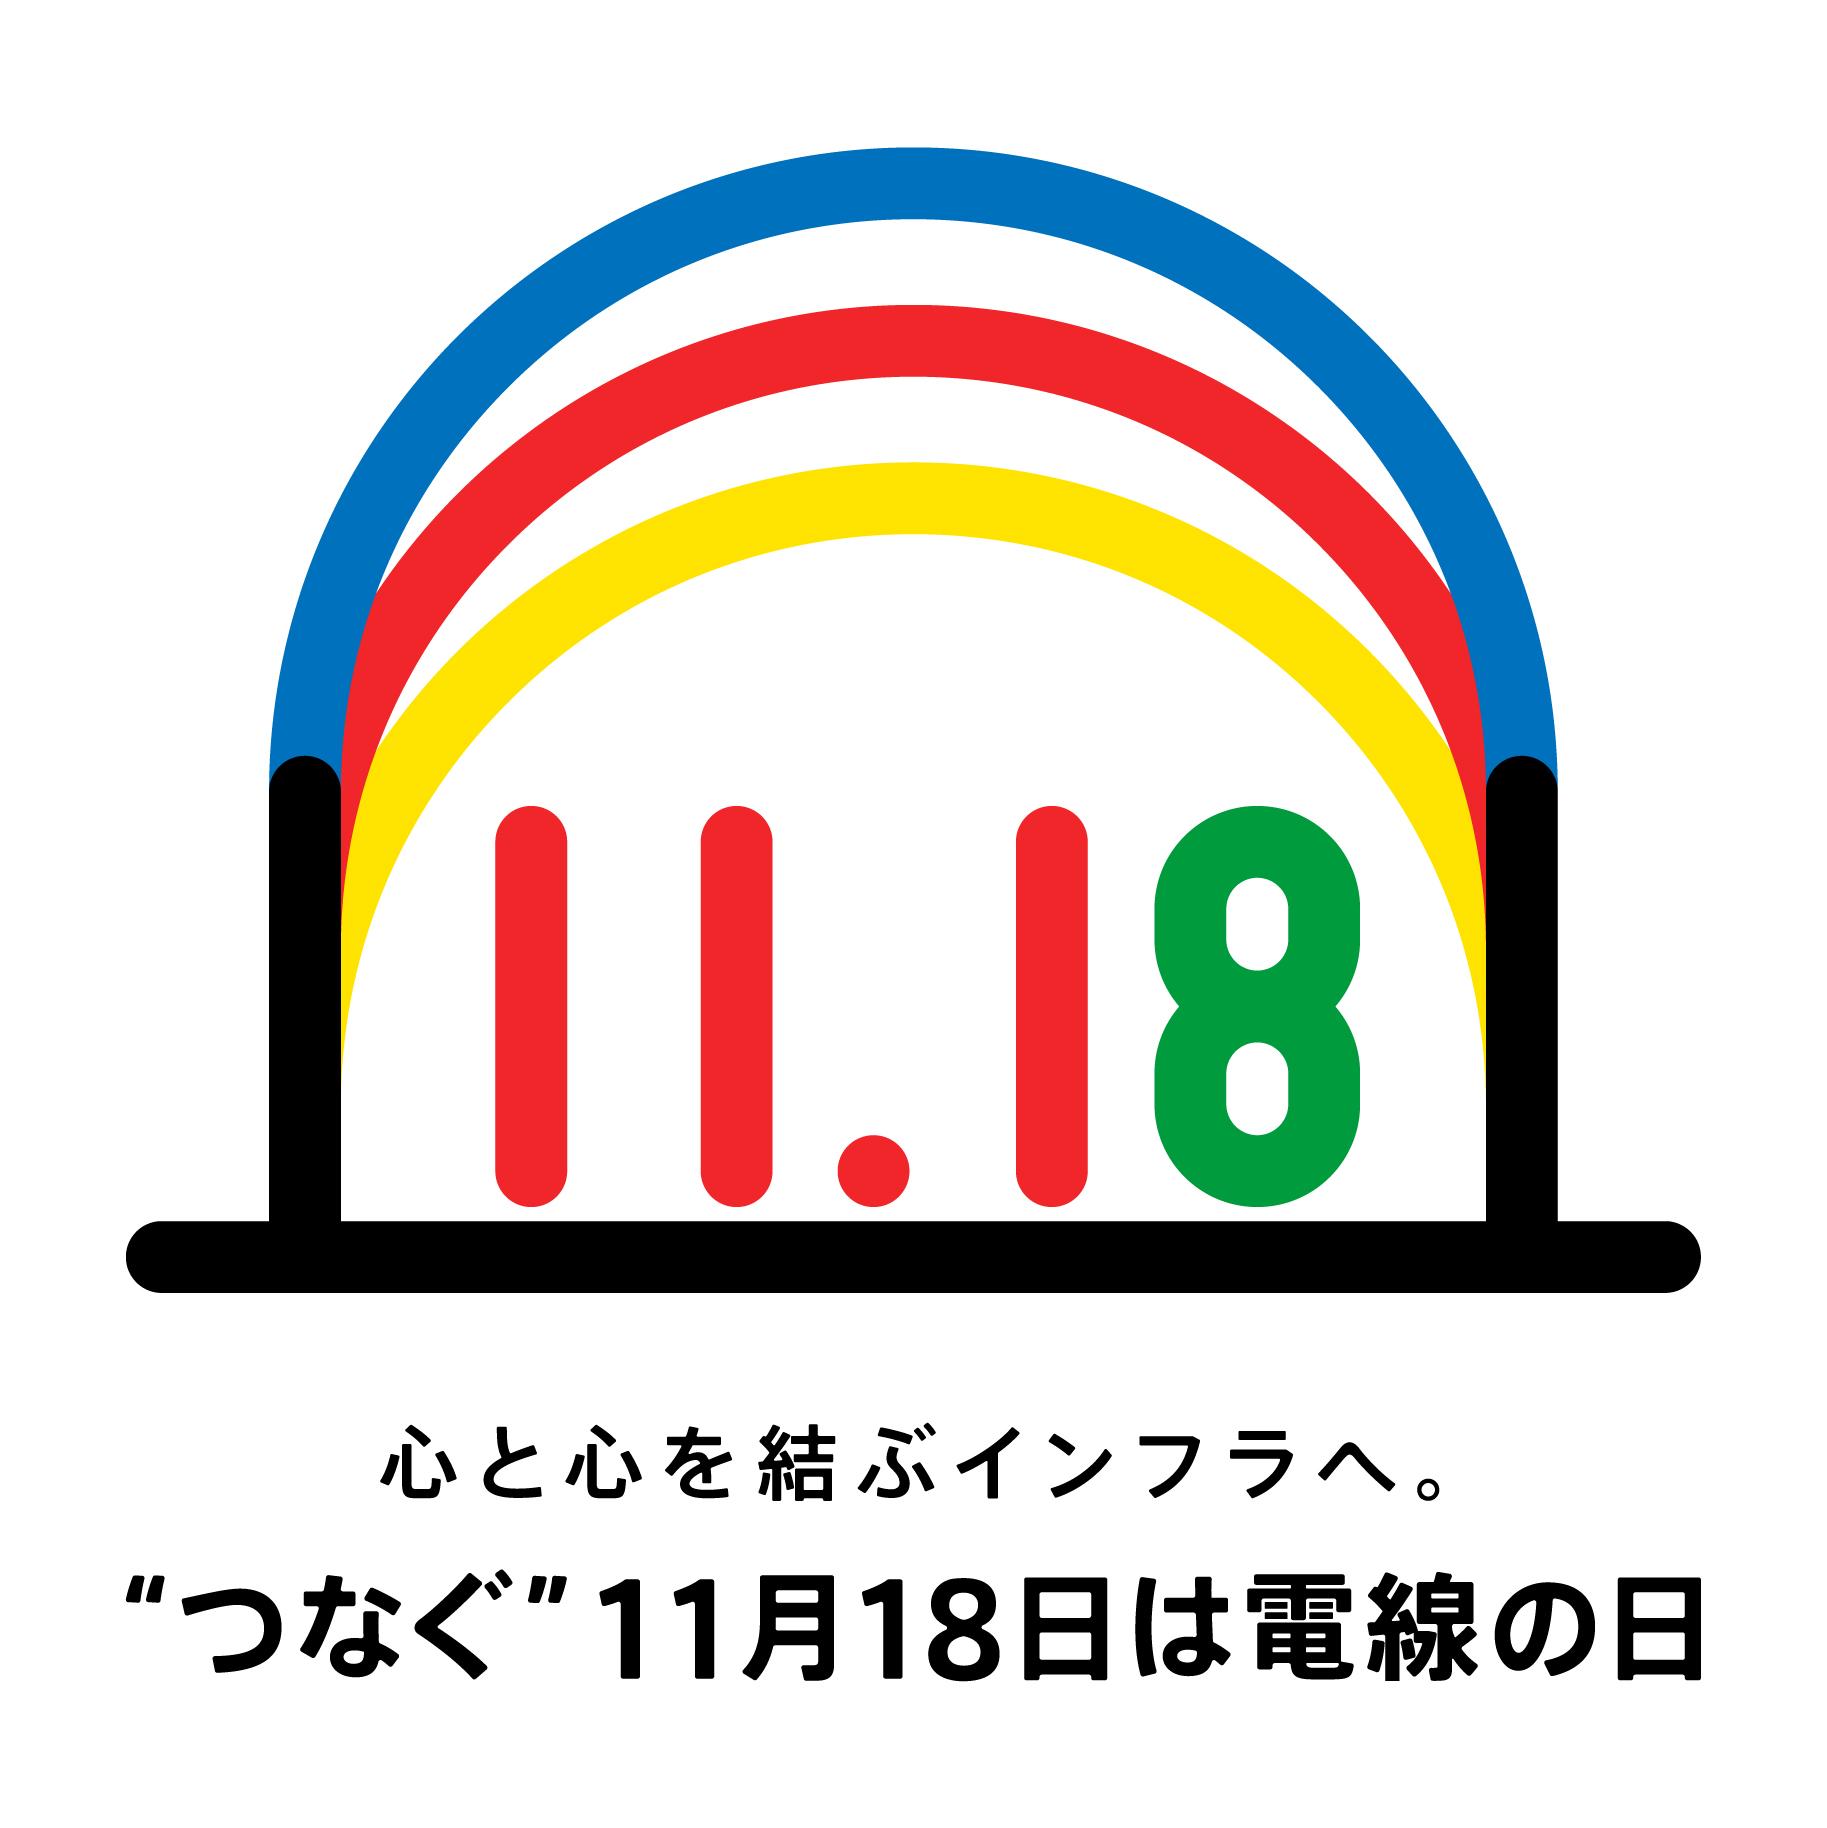 電線の日ロゴ